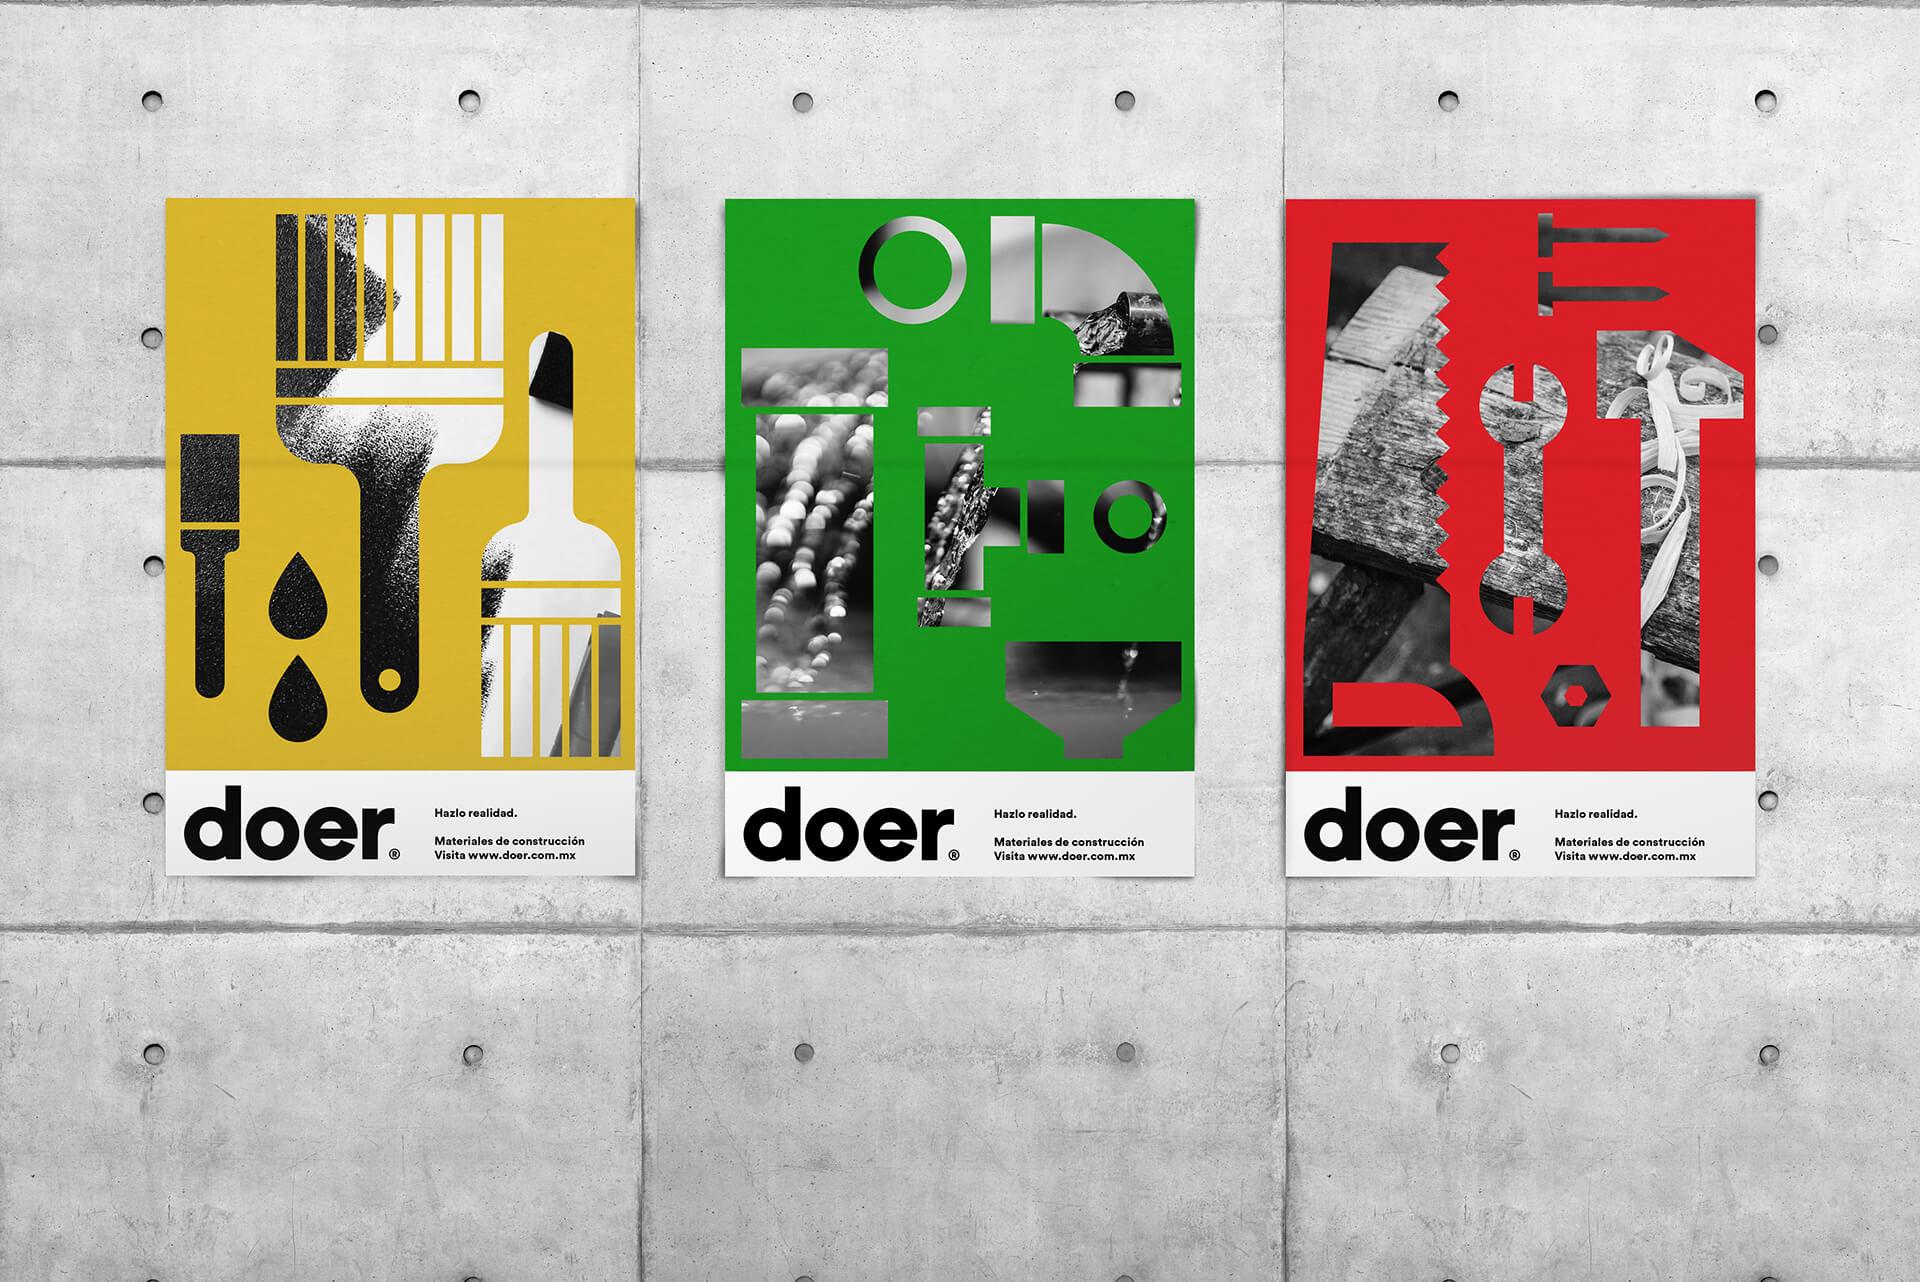 doer-branding-graphic-desing-14